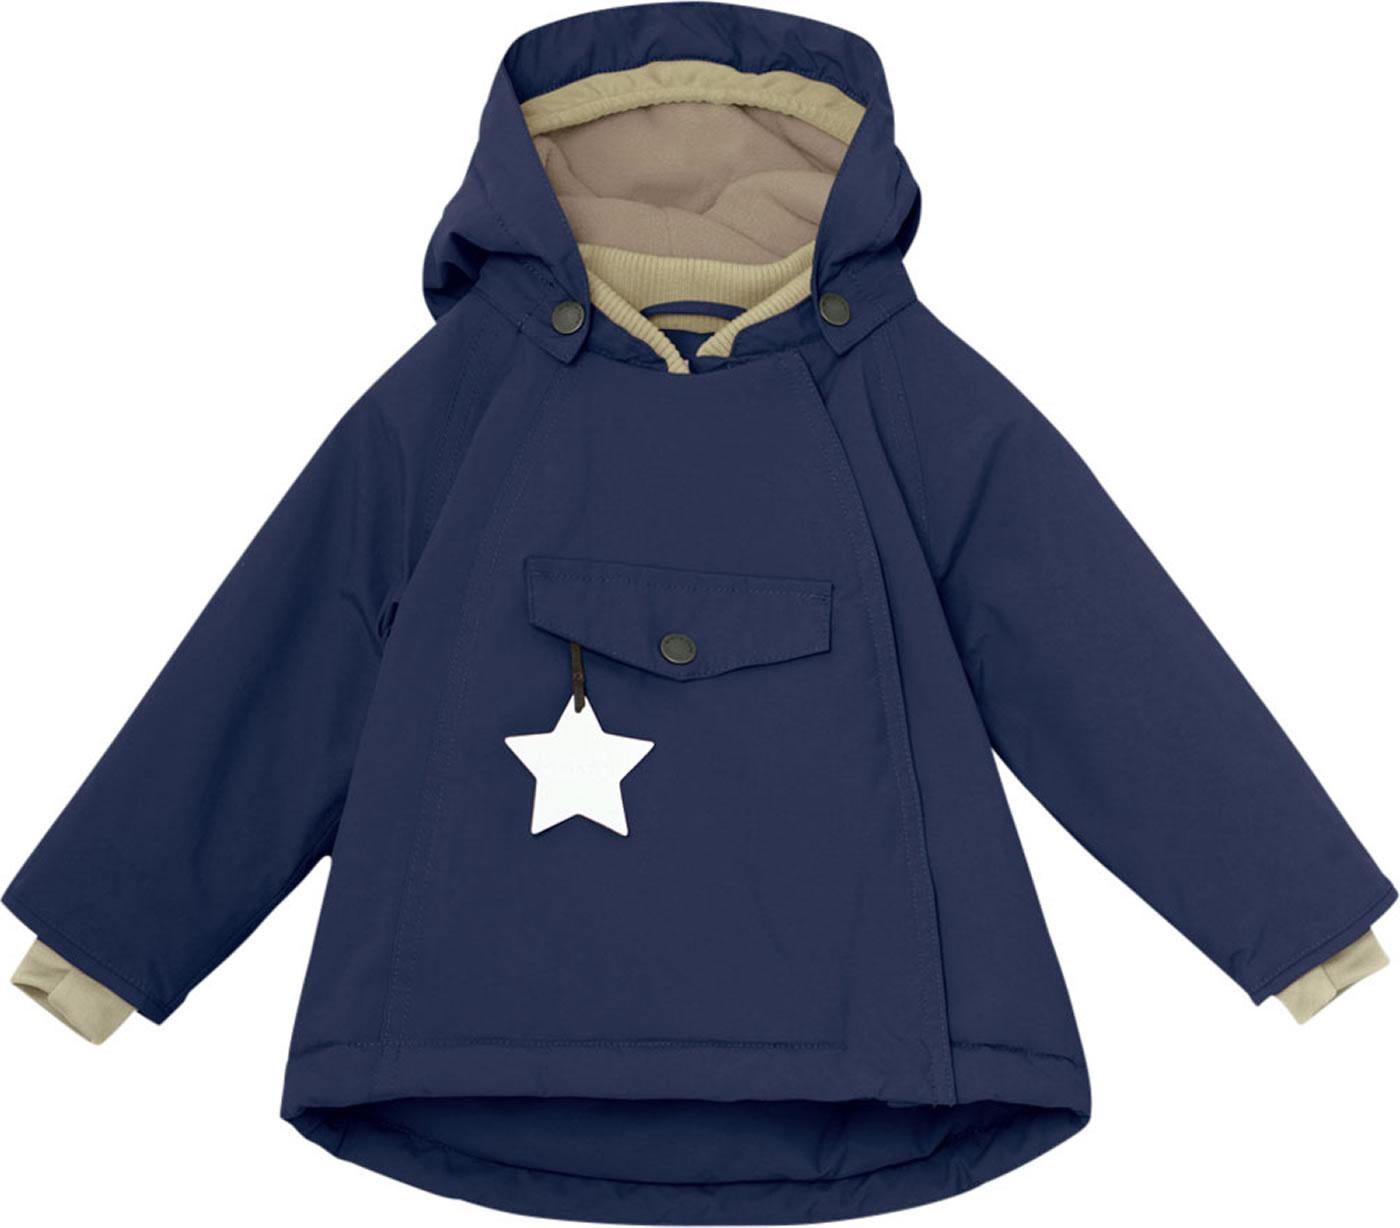 uusi saapuu halpa hinta ilmainen toimitus Mini A Ture Winter Jacket Thermolite® WANG peacoat blue 1193093700-590